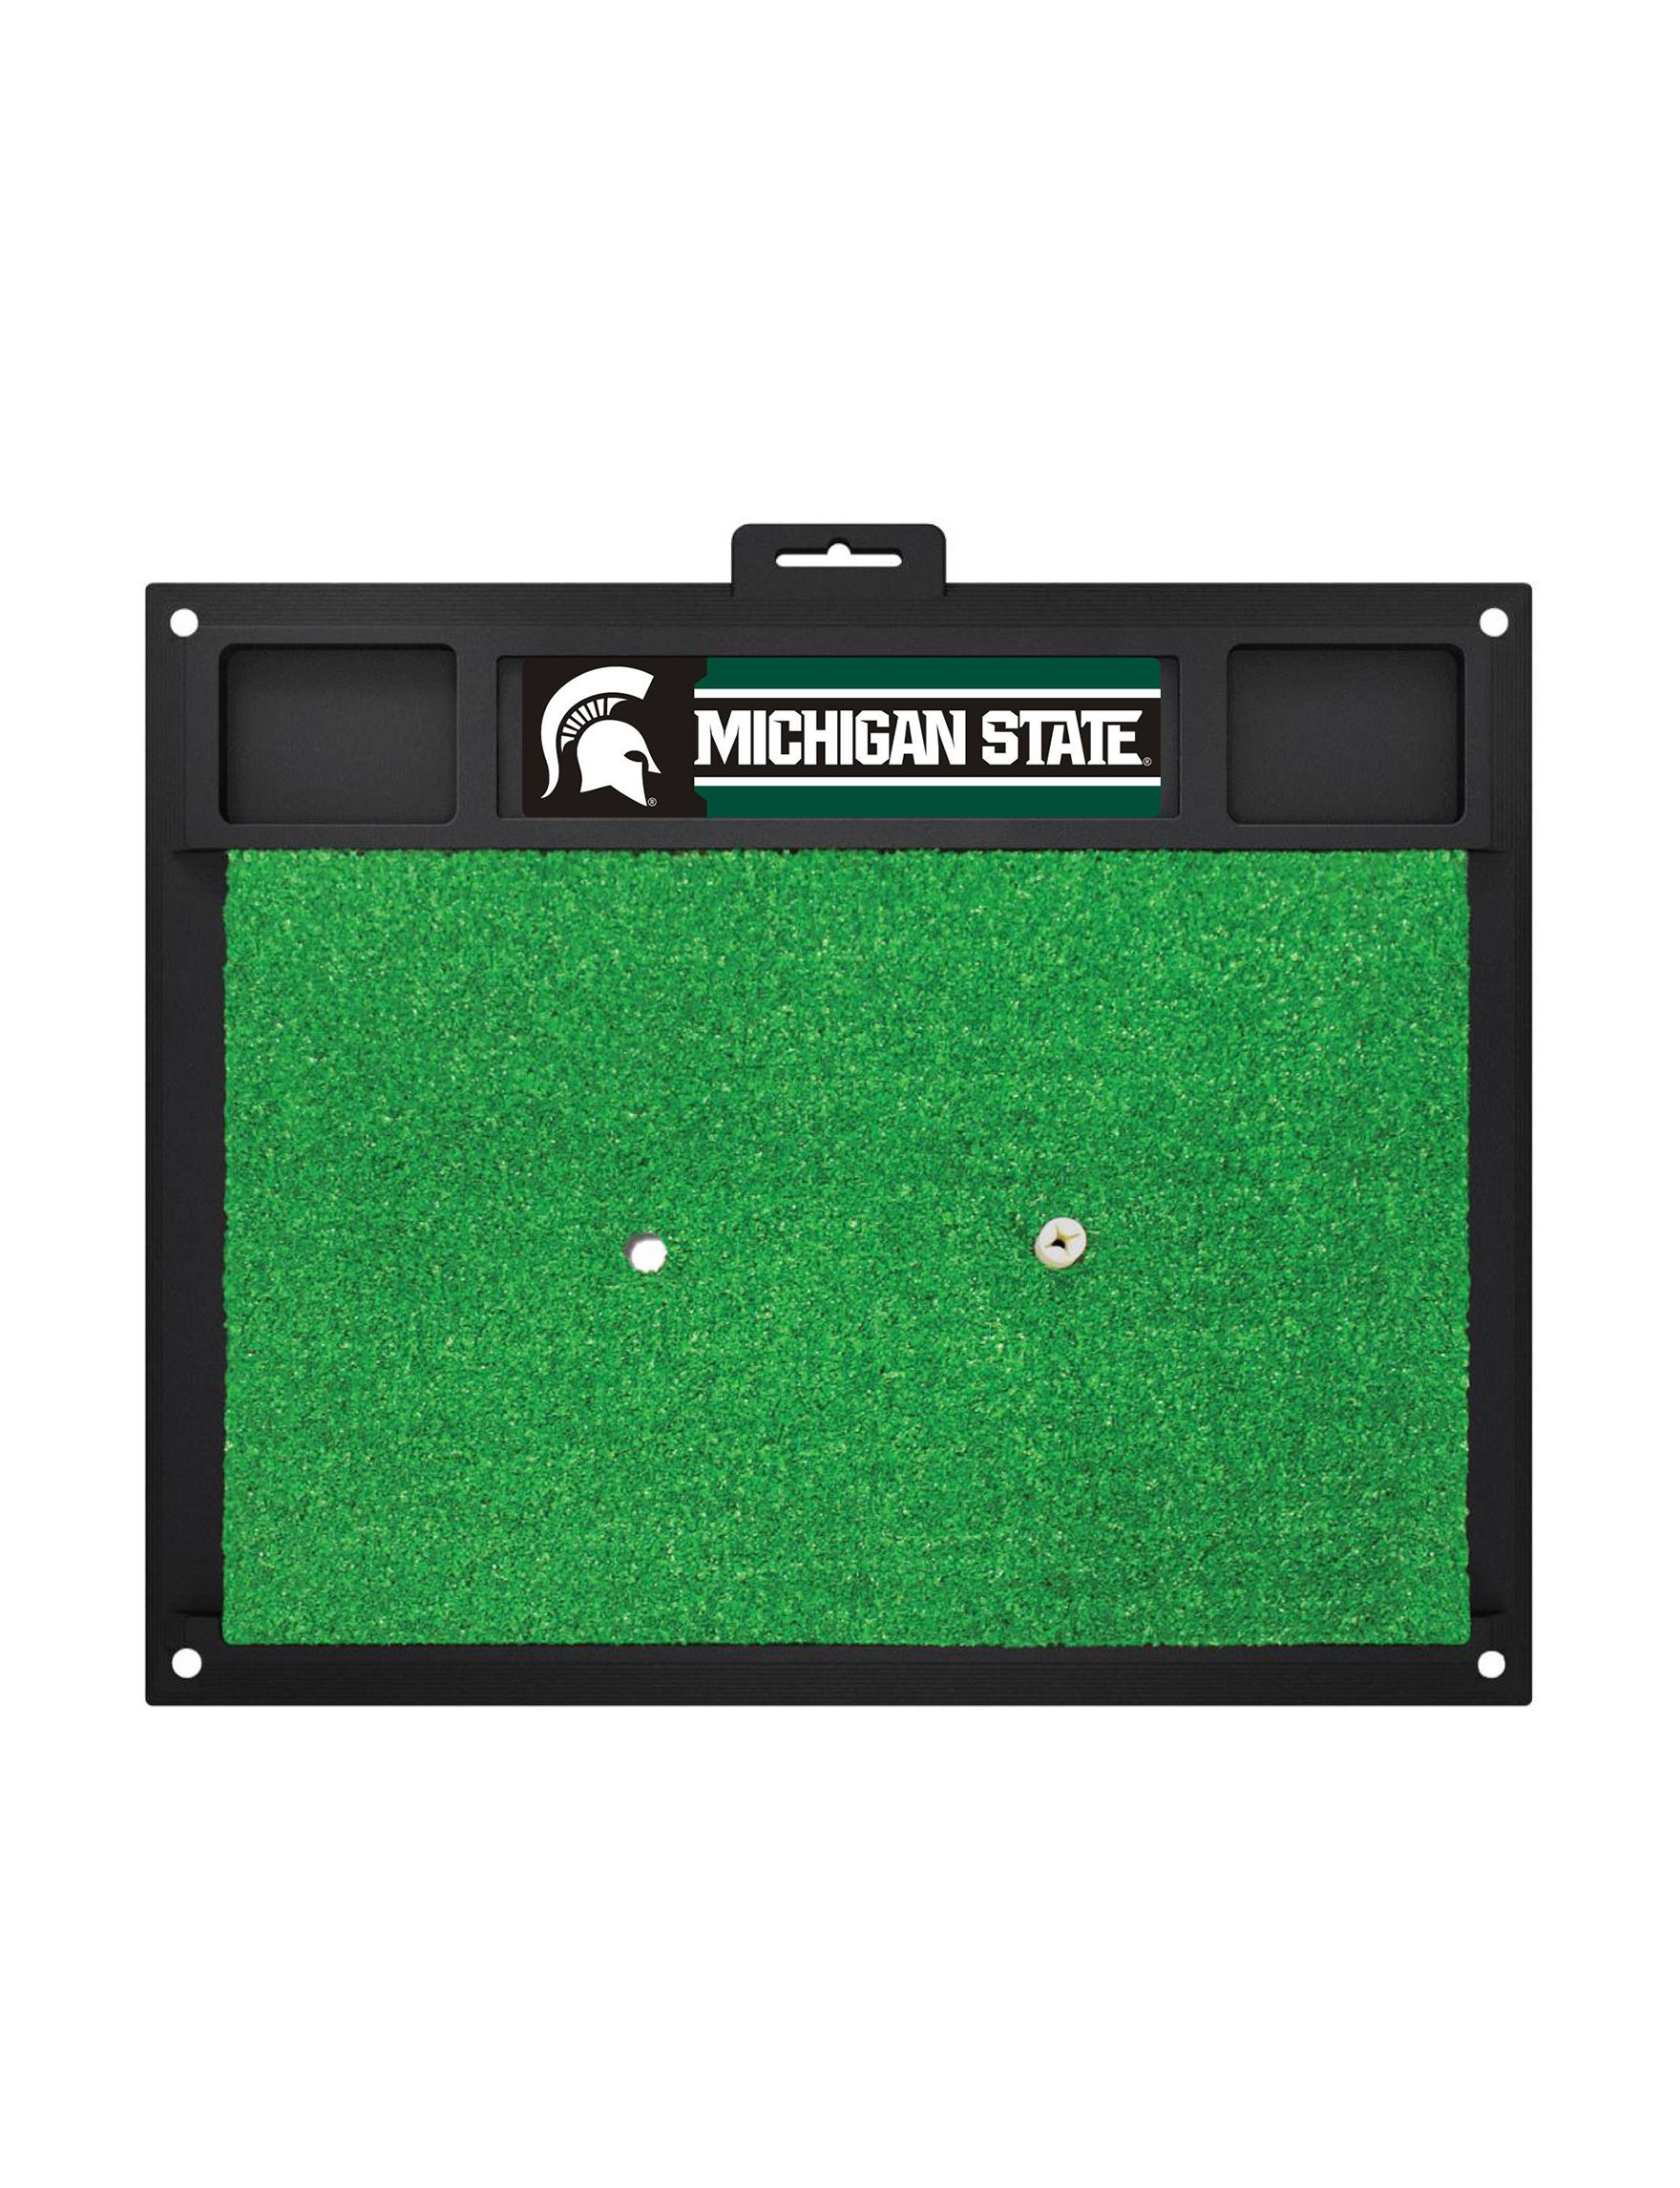 Fanmats Green Outdoor Rugs & Doormats Outdoor Decor